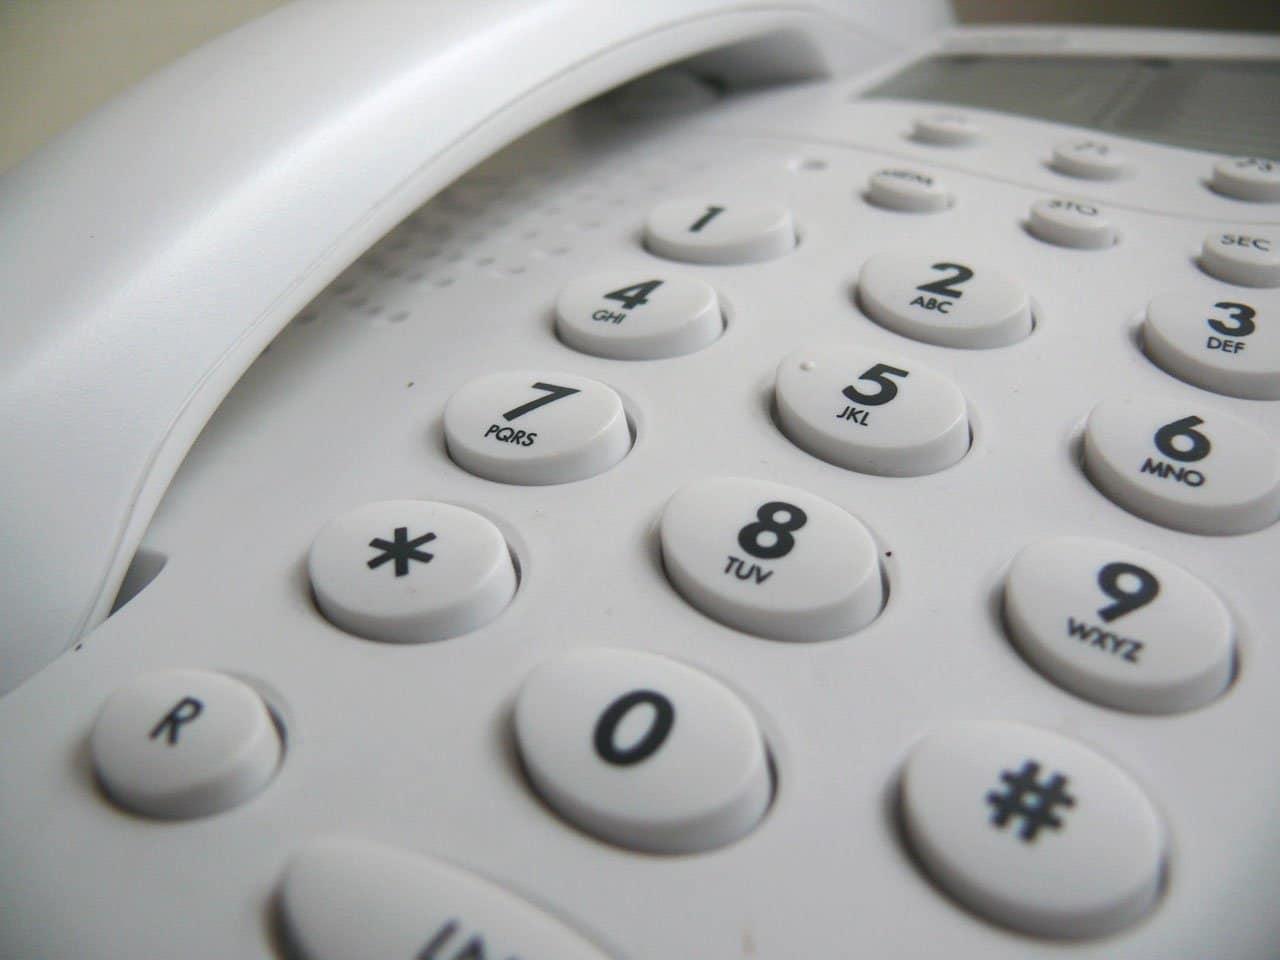 La crisis del coronavirus duplica las llamadas telefónicas